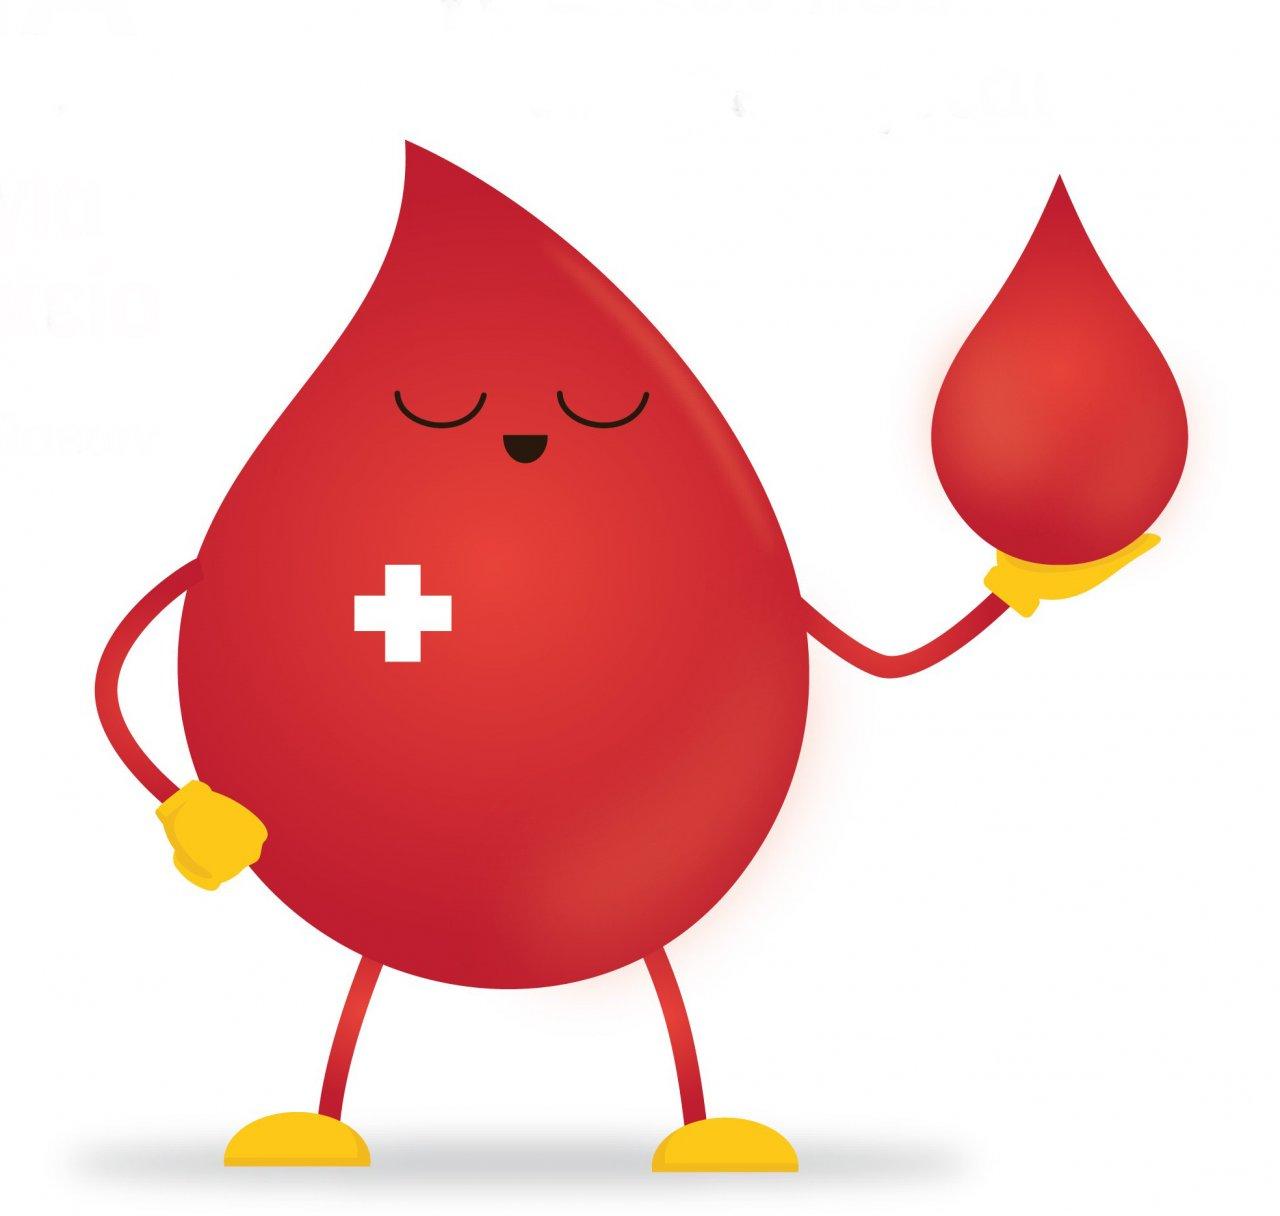 Αίθουσα αιμοδοσίας θα λειτουργήσει από τις 9 Μαρτίου στο Εκθεσιακό Κέντρο της ΔΕΘ